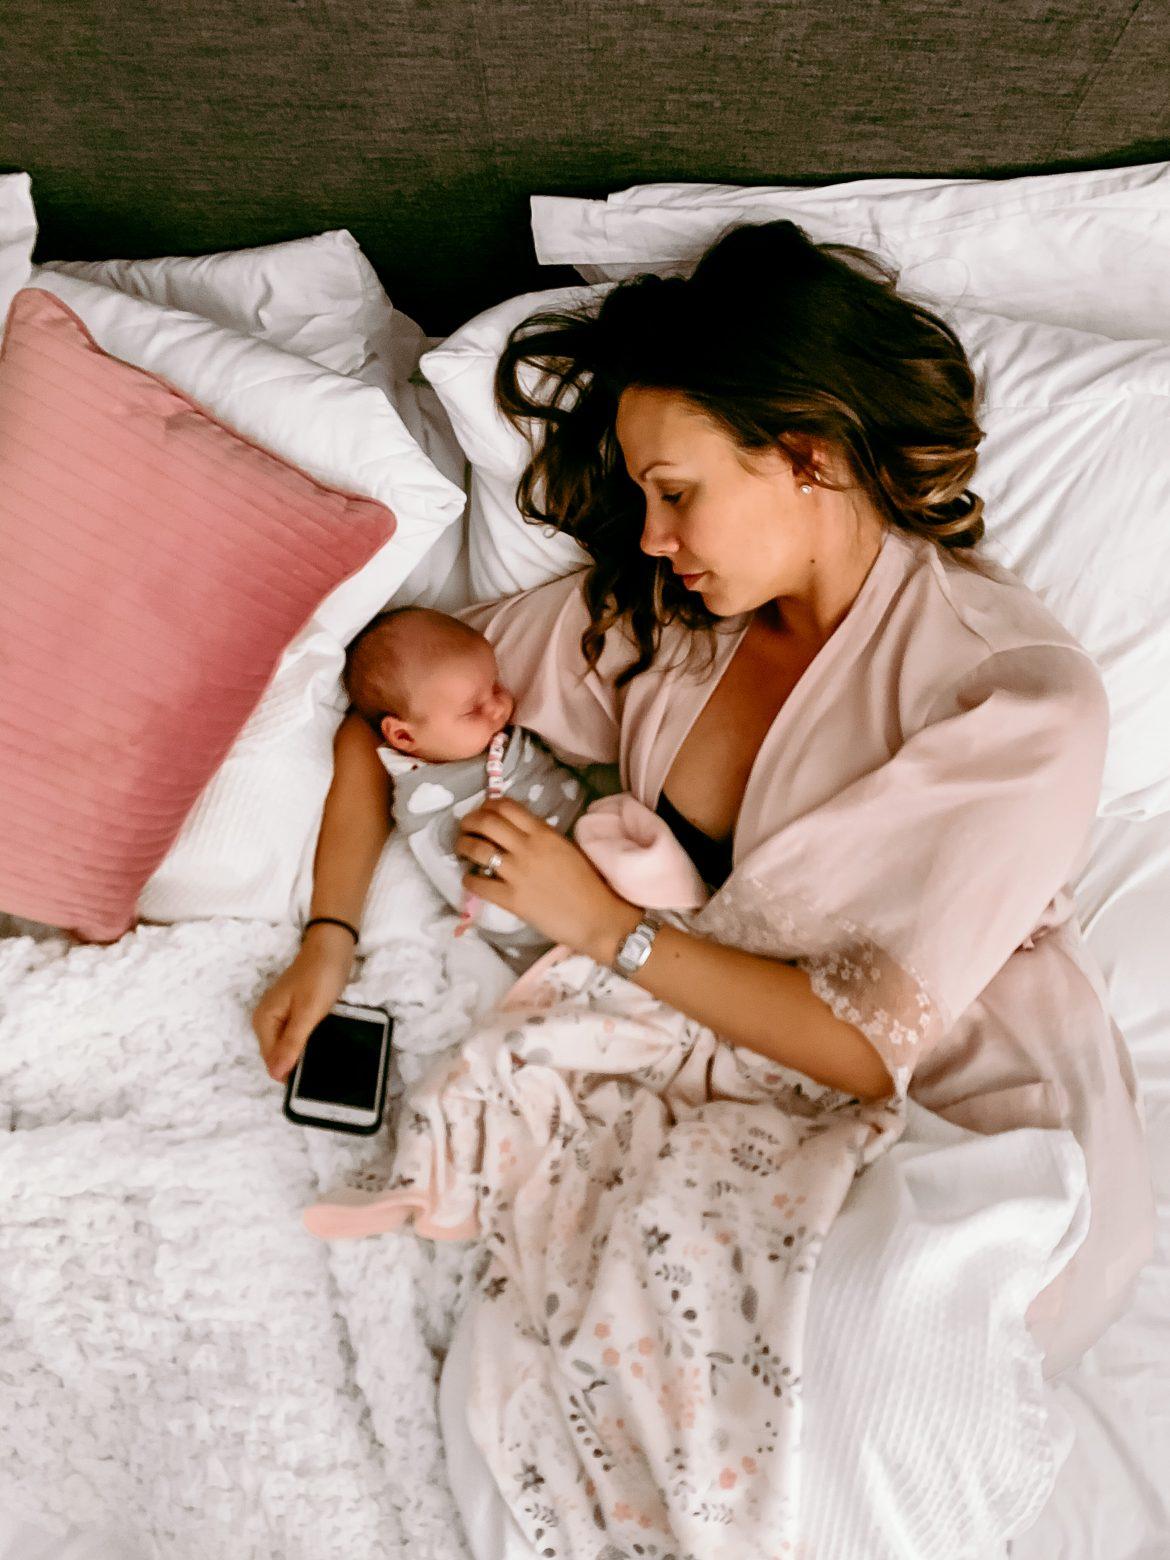 image of baby and mum   sleep routine for newborn